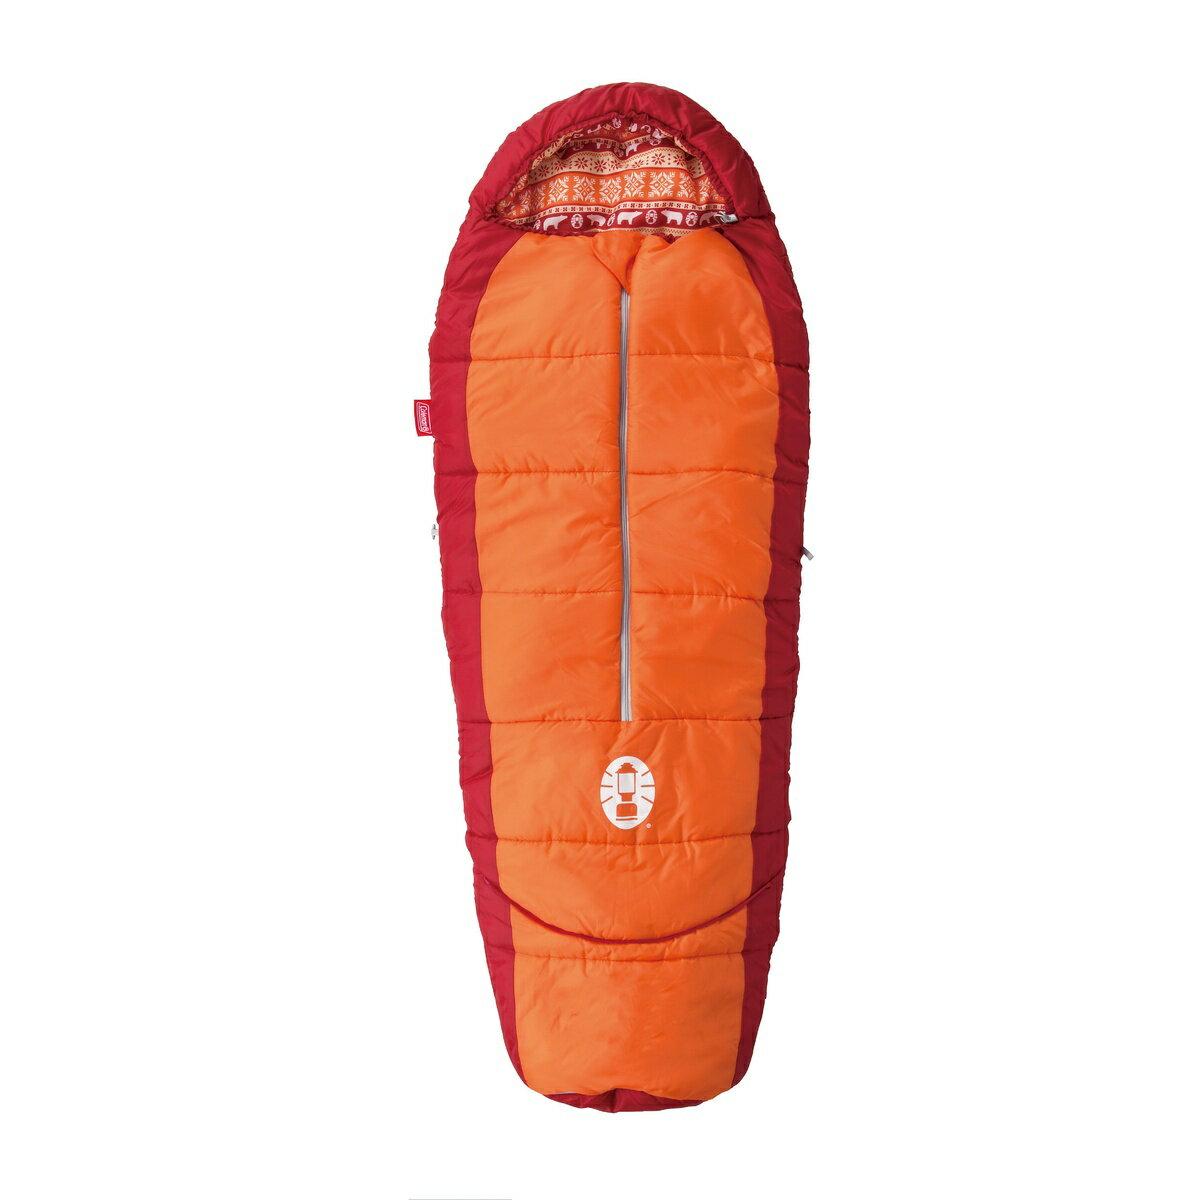 ● COLEMAN (コールマン) キャンプ用品 スリーピングバッグ 寝袋 ジュニア用 キッズマミーアジャスタブル/C4(オレンジ) 2000027271